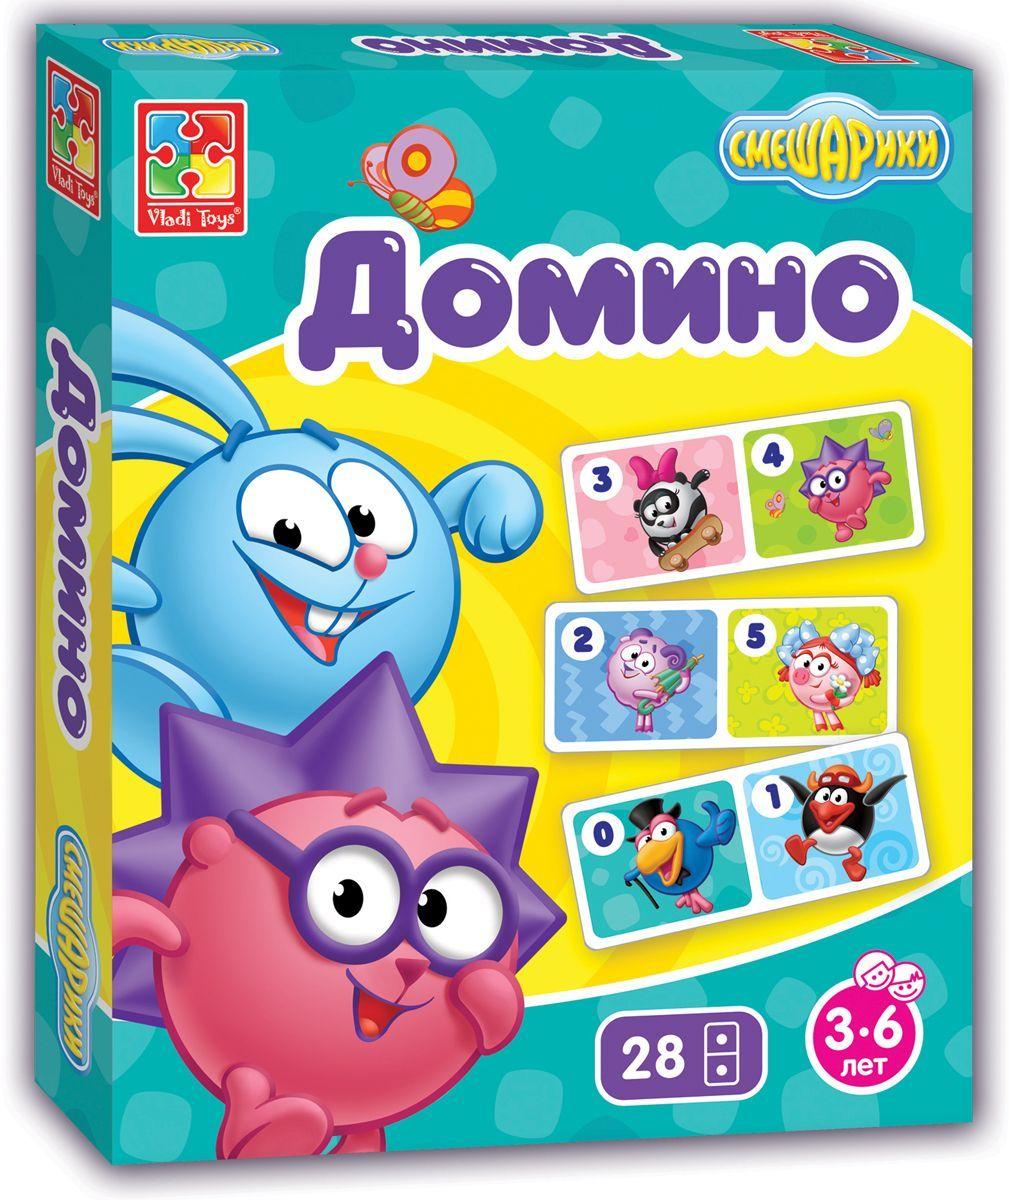 Vladi Toys Обучающая игра Смешарики VT2105-01VT2105-01Обучающая игра Vladi Toys Смешарики - веселая игра для семейного досуга. Правила такие же, как и в обычной игре Домино. В комплект входят 28 доминошек. Количество игроков: от 2-х до 4-х.